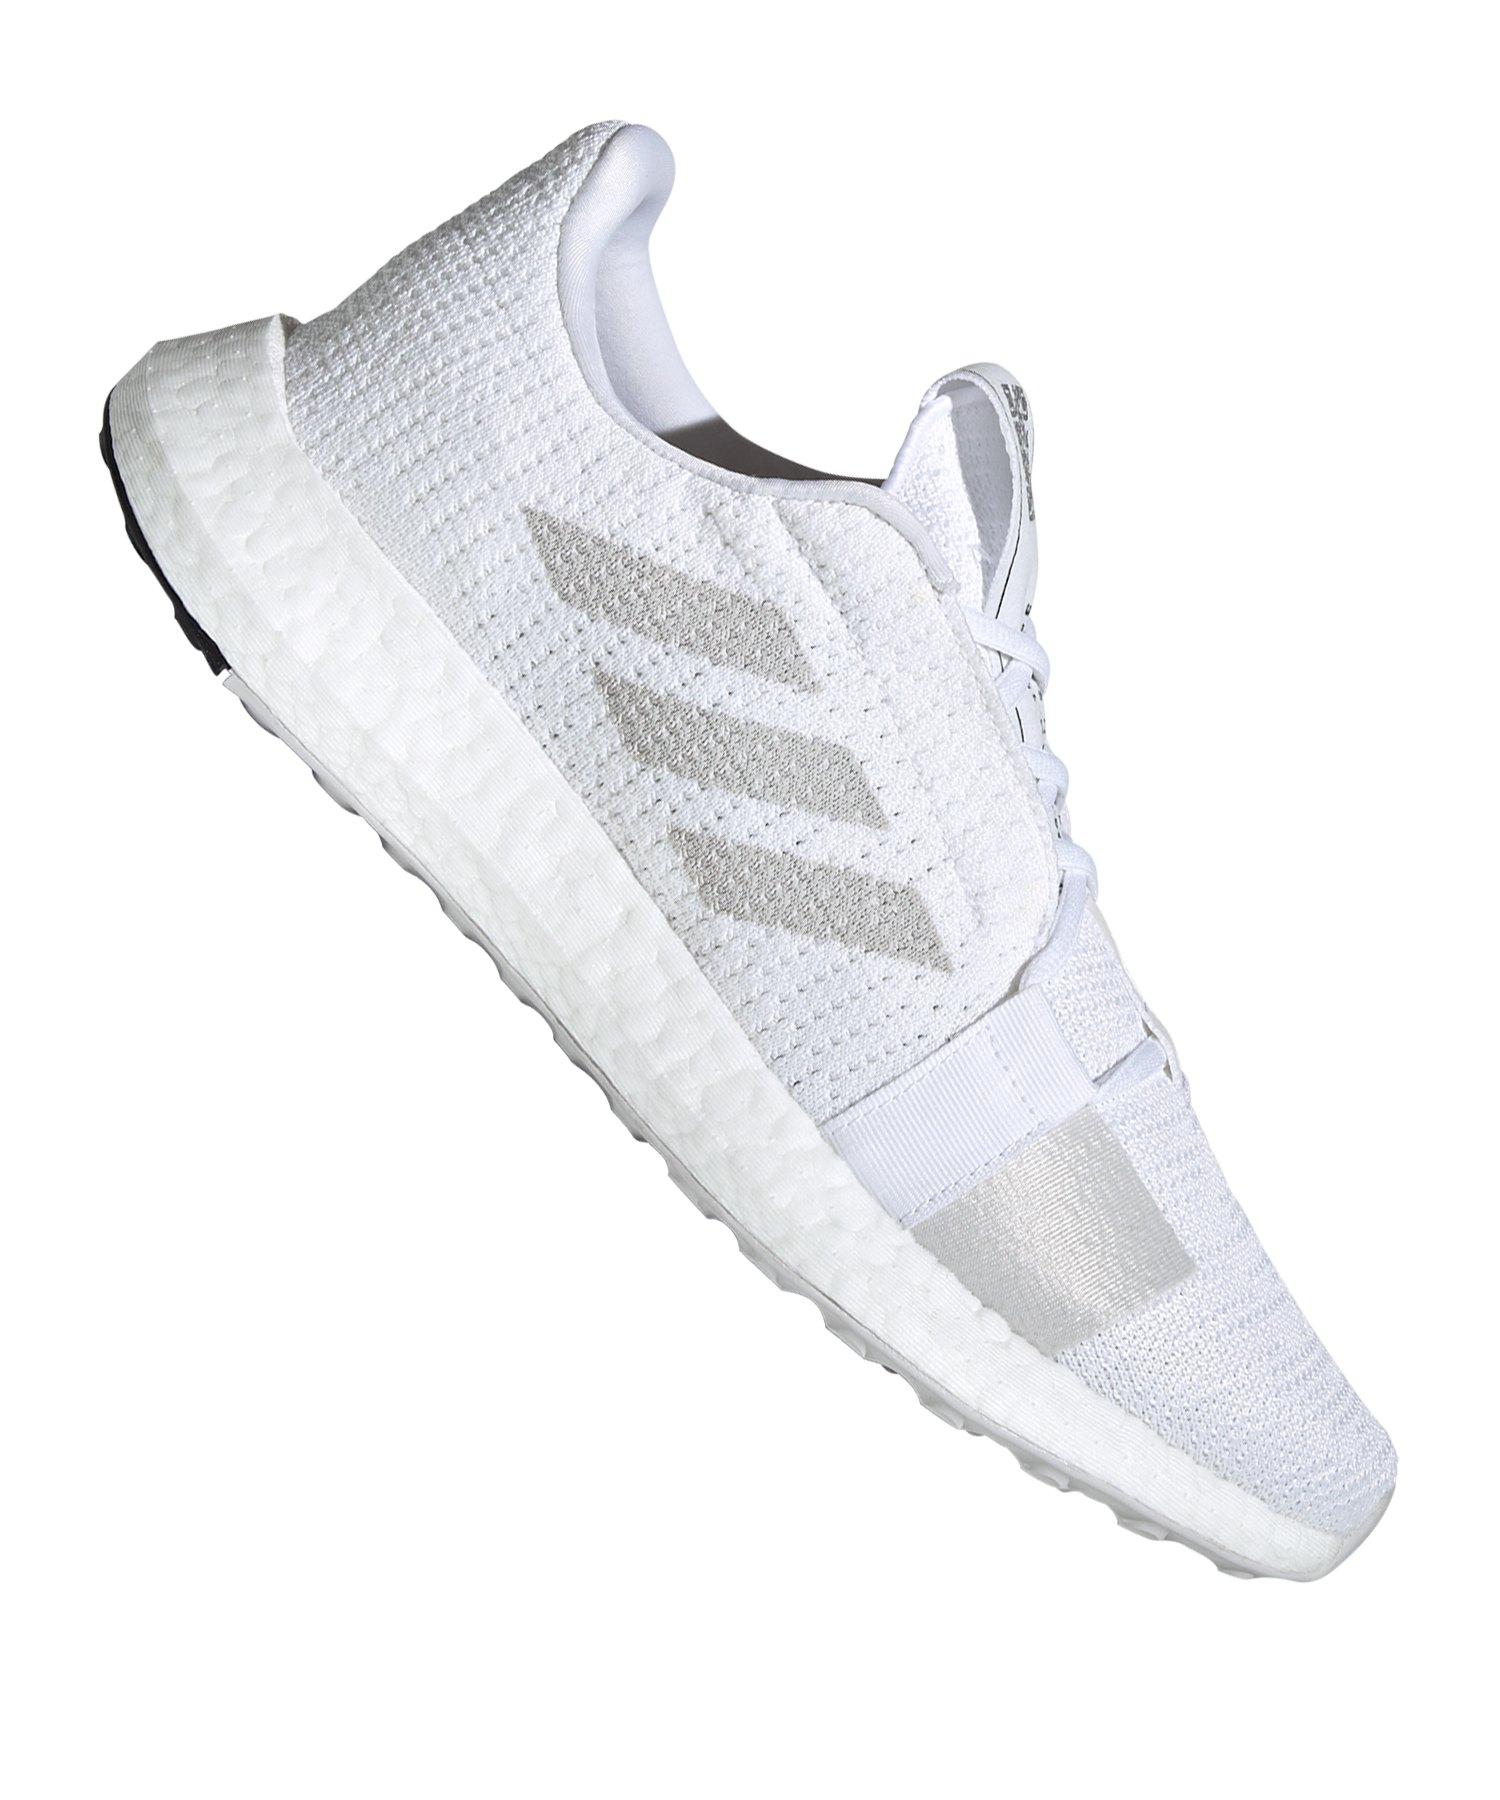 adidas short, adidas CH Rocket Laufschuhe Herren grau